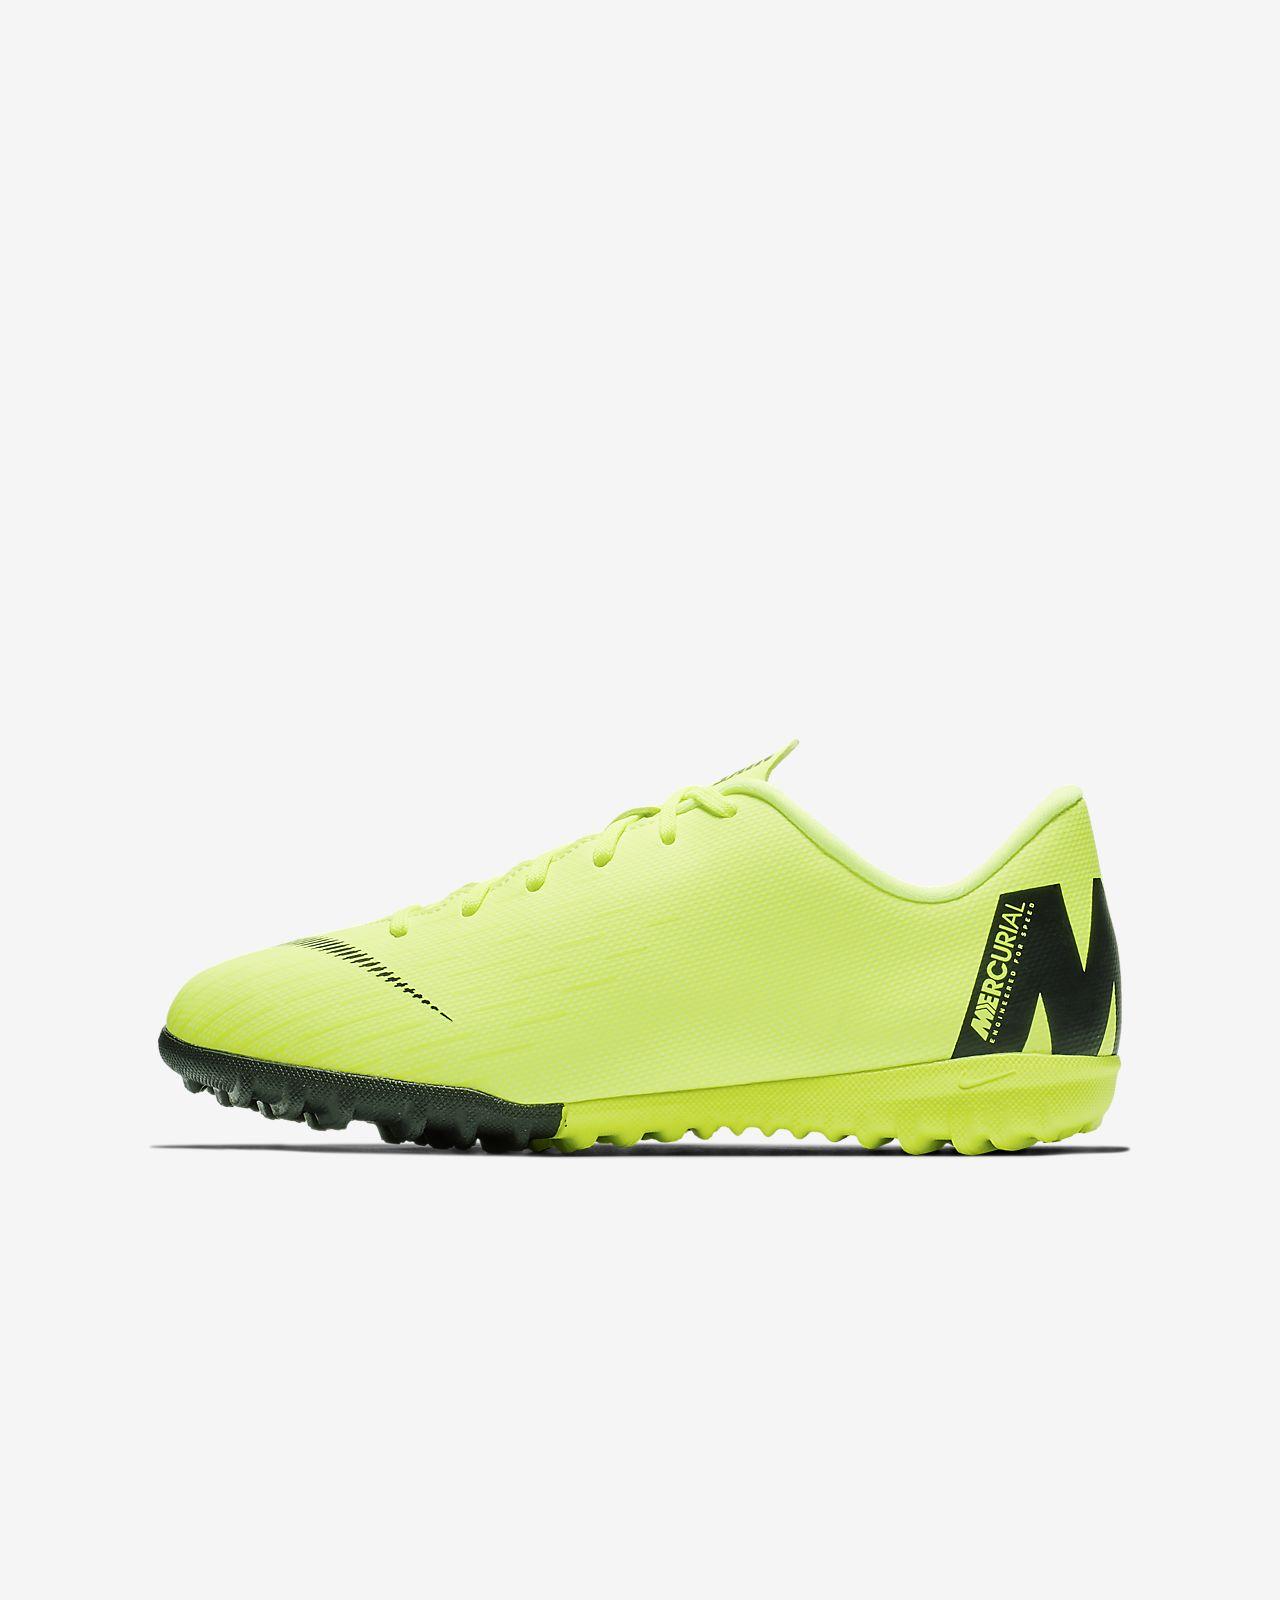 new product 66b93 8830a ... free shipping 4883b 835e8 Fotbollssko för gruskonstgräs Nike Jr.  MercurialX Vapor XII Academy för barnungdom